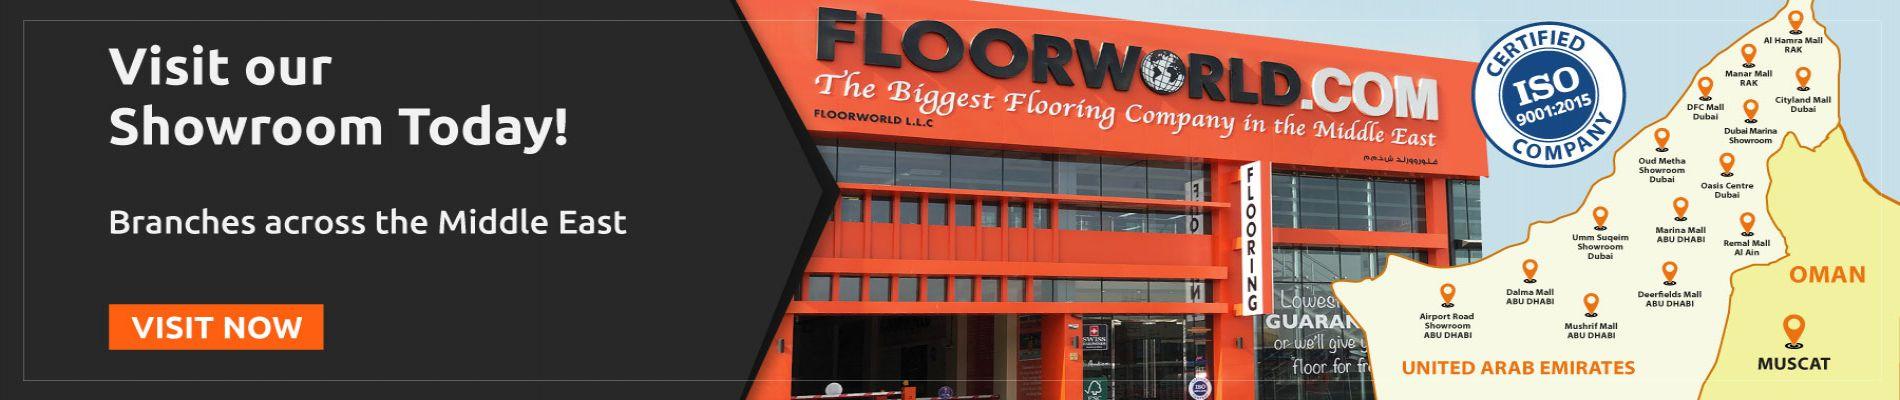 https://www.floorworld.com/en/our-stores